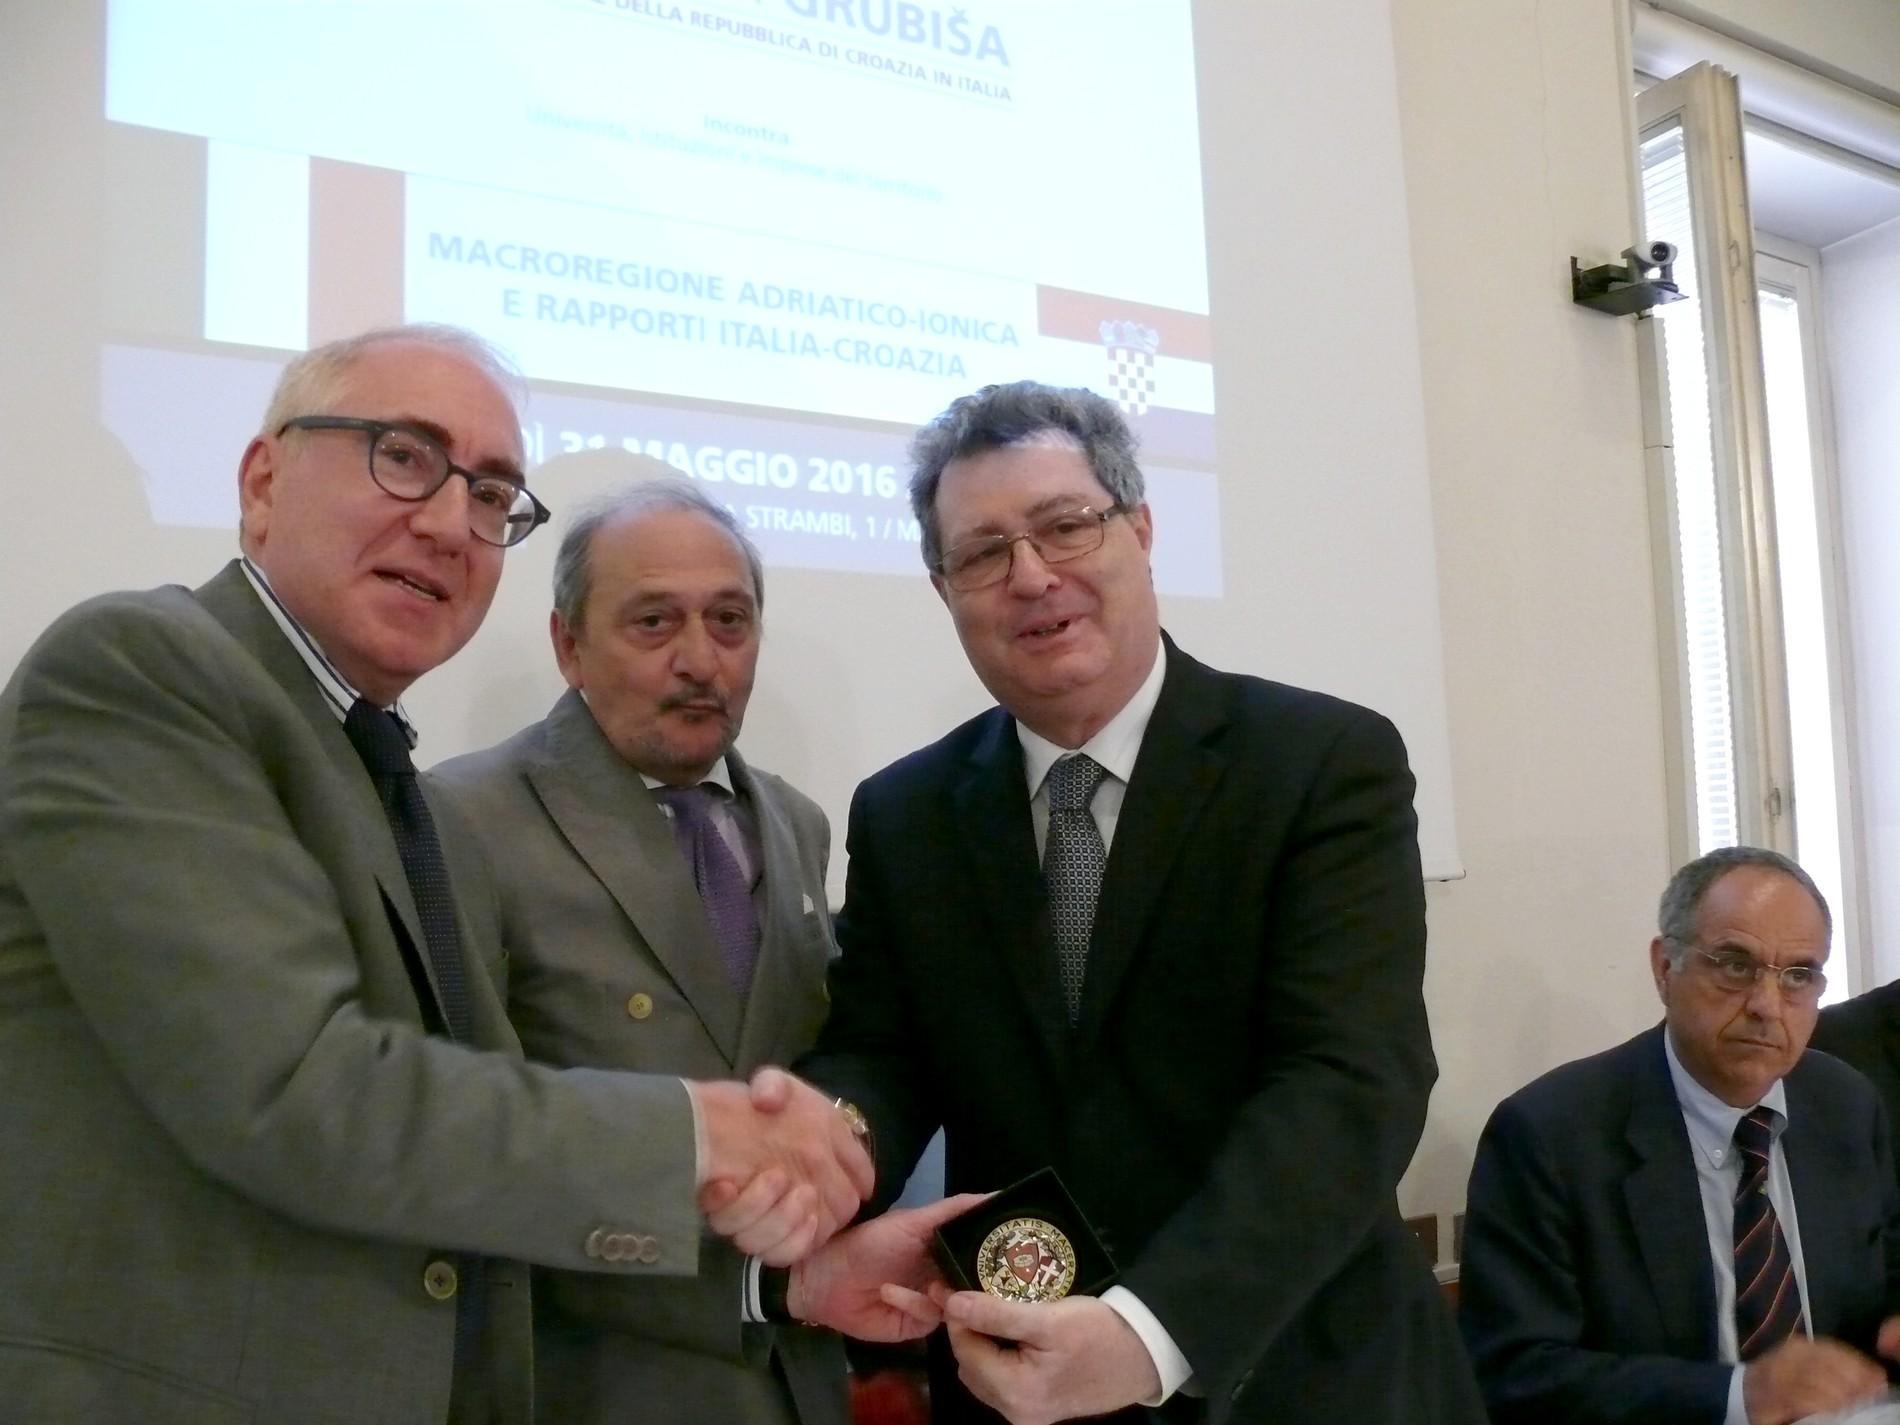 L'ambasciatore della Croazia all'Università di Macerata